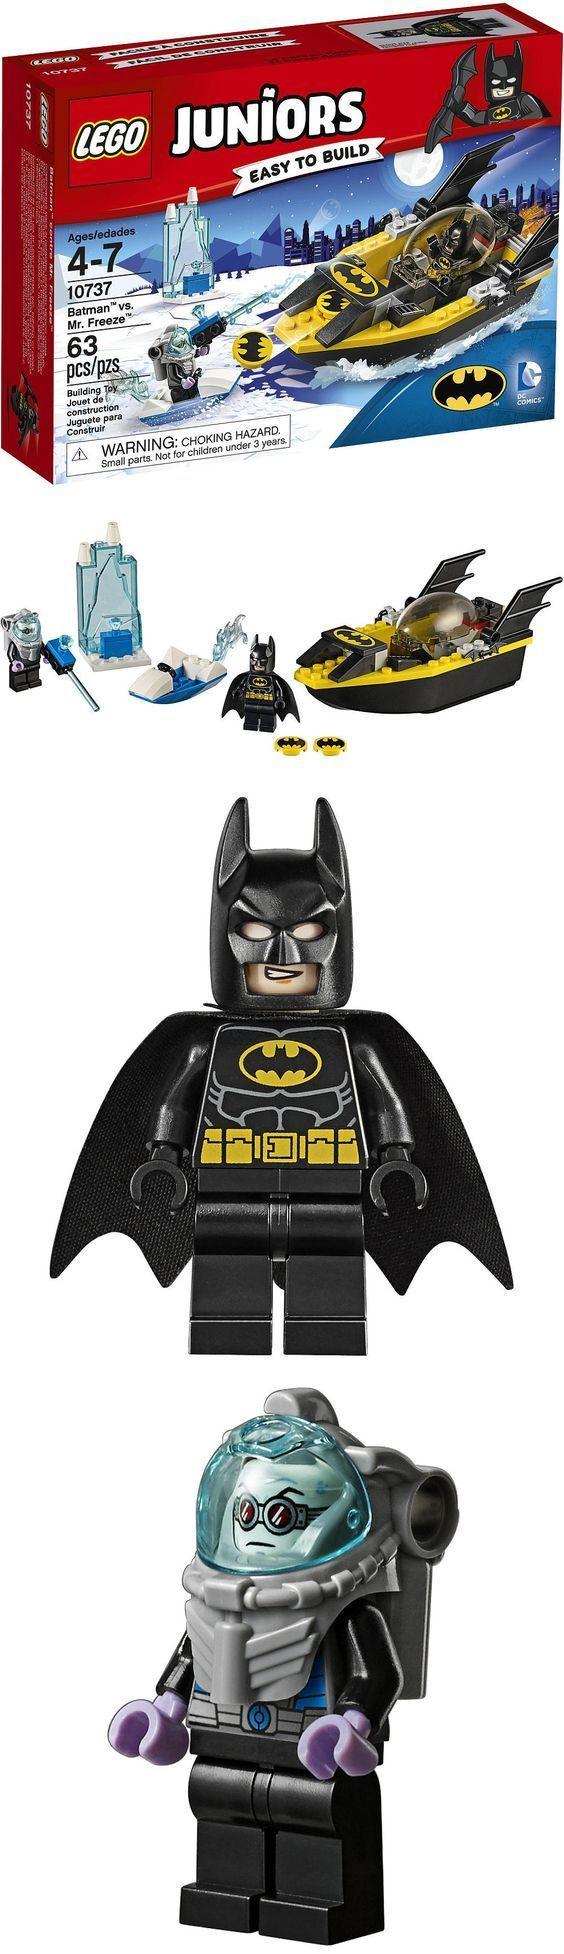 Tolle Batman Insignien Vorlage Bilder - Entry Level Resume Vorlagen ...